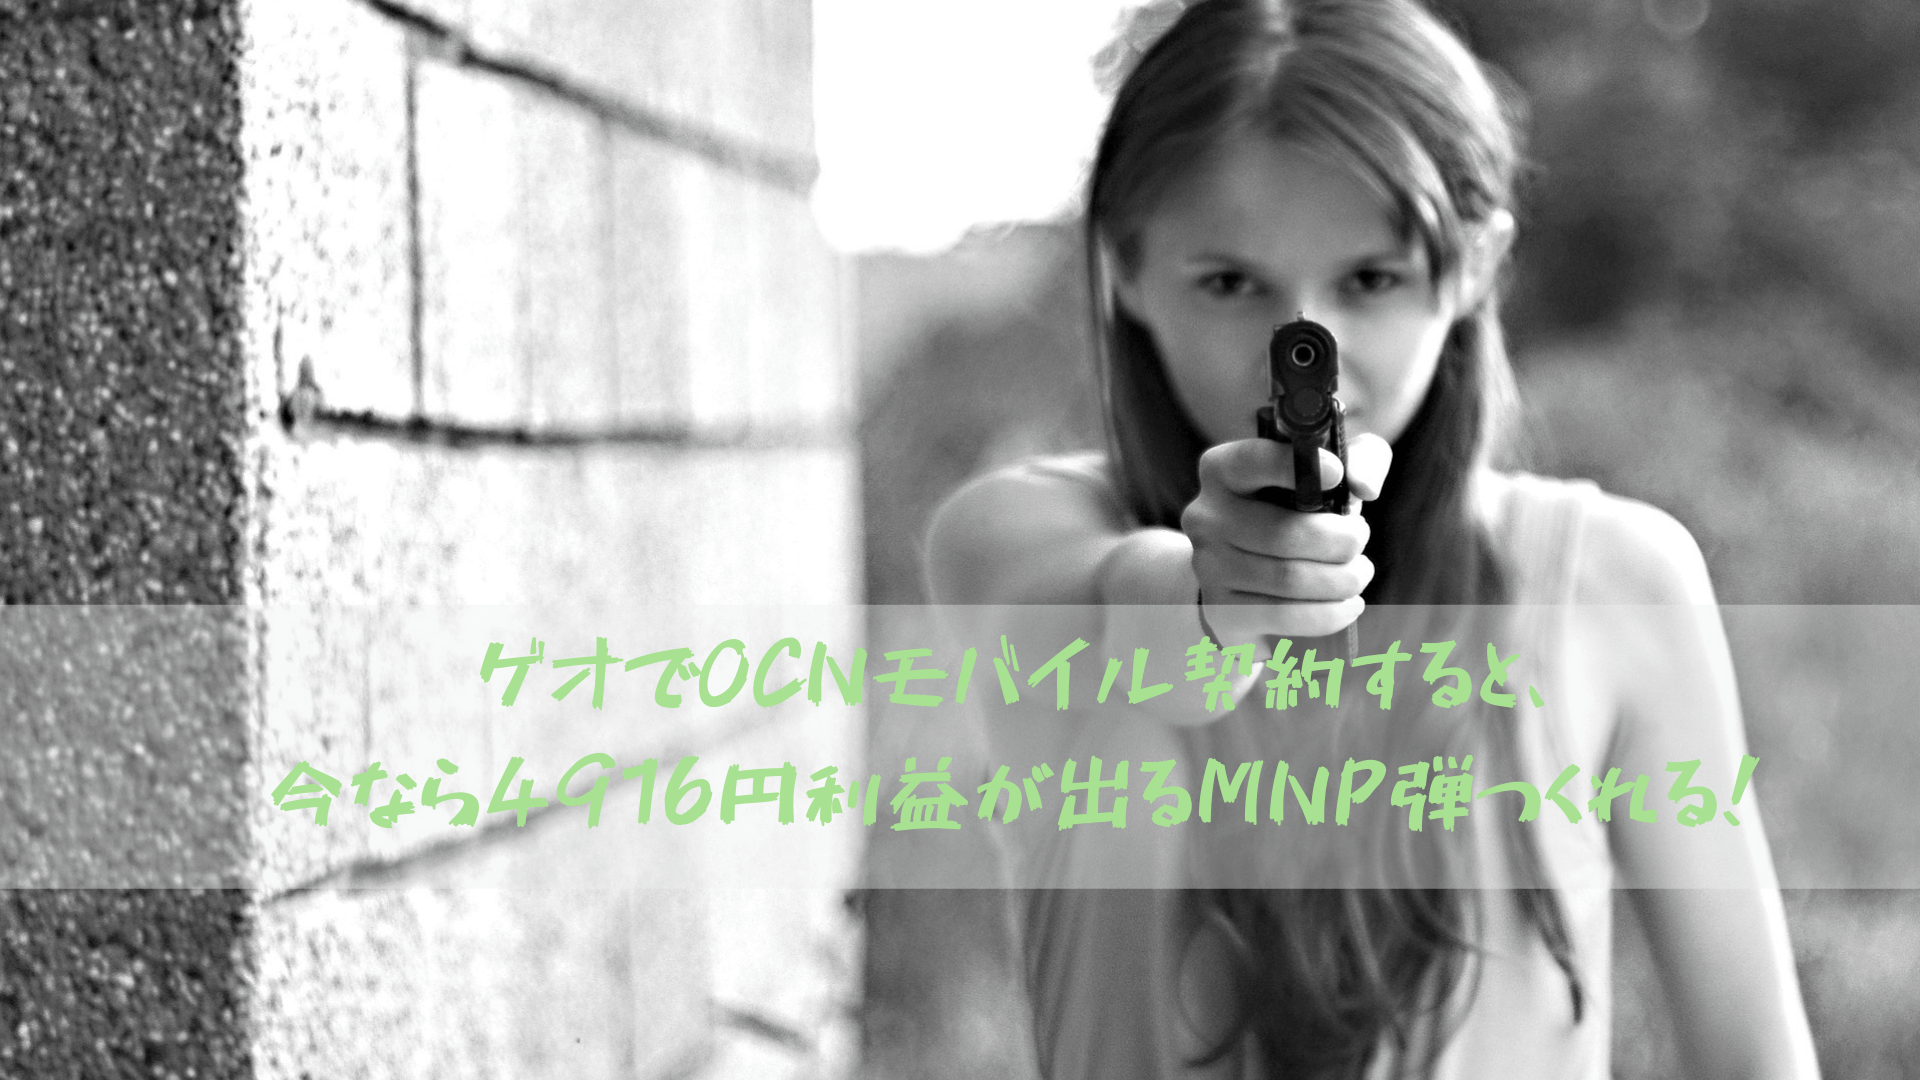 ゲオでOCNモバイル契約すると、今なら4916円利益が出るMNP弾つくれる!